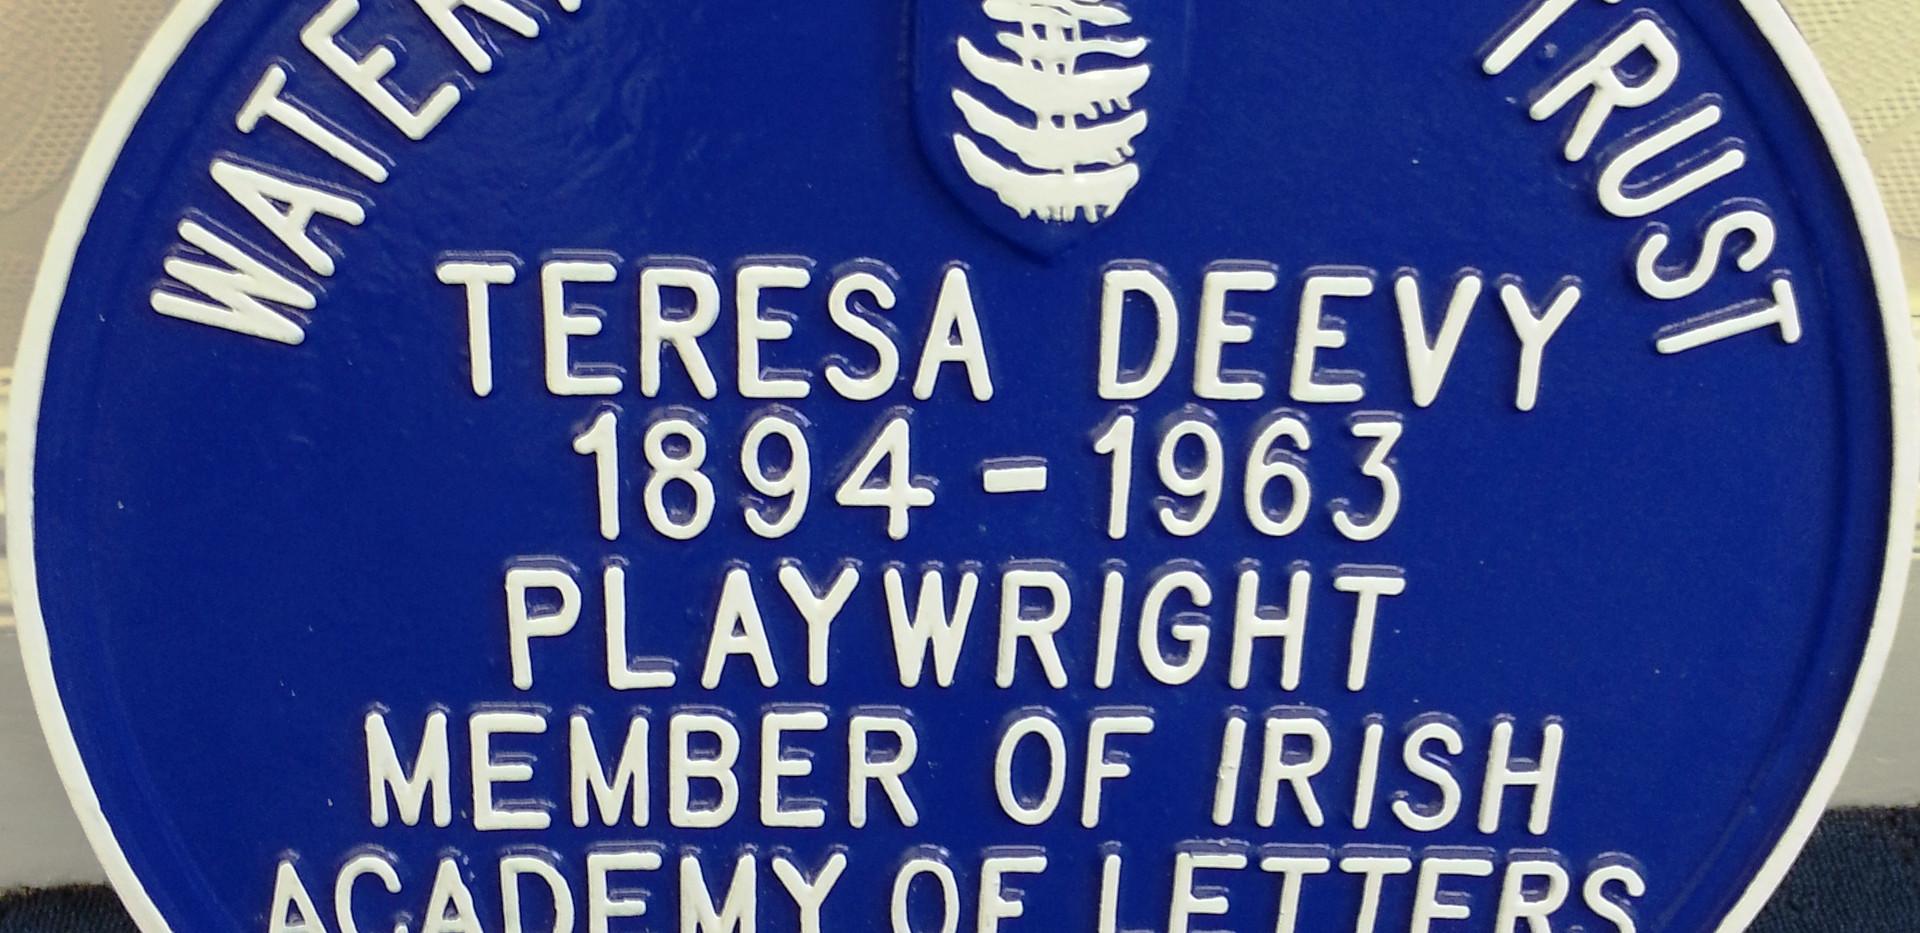 Teresa Deevy.jpg